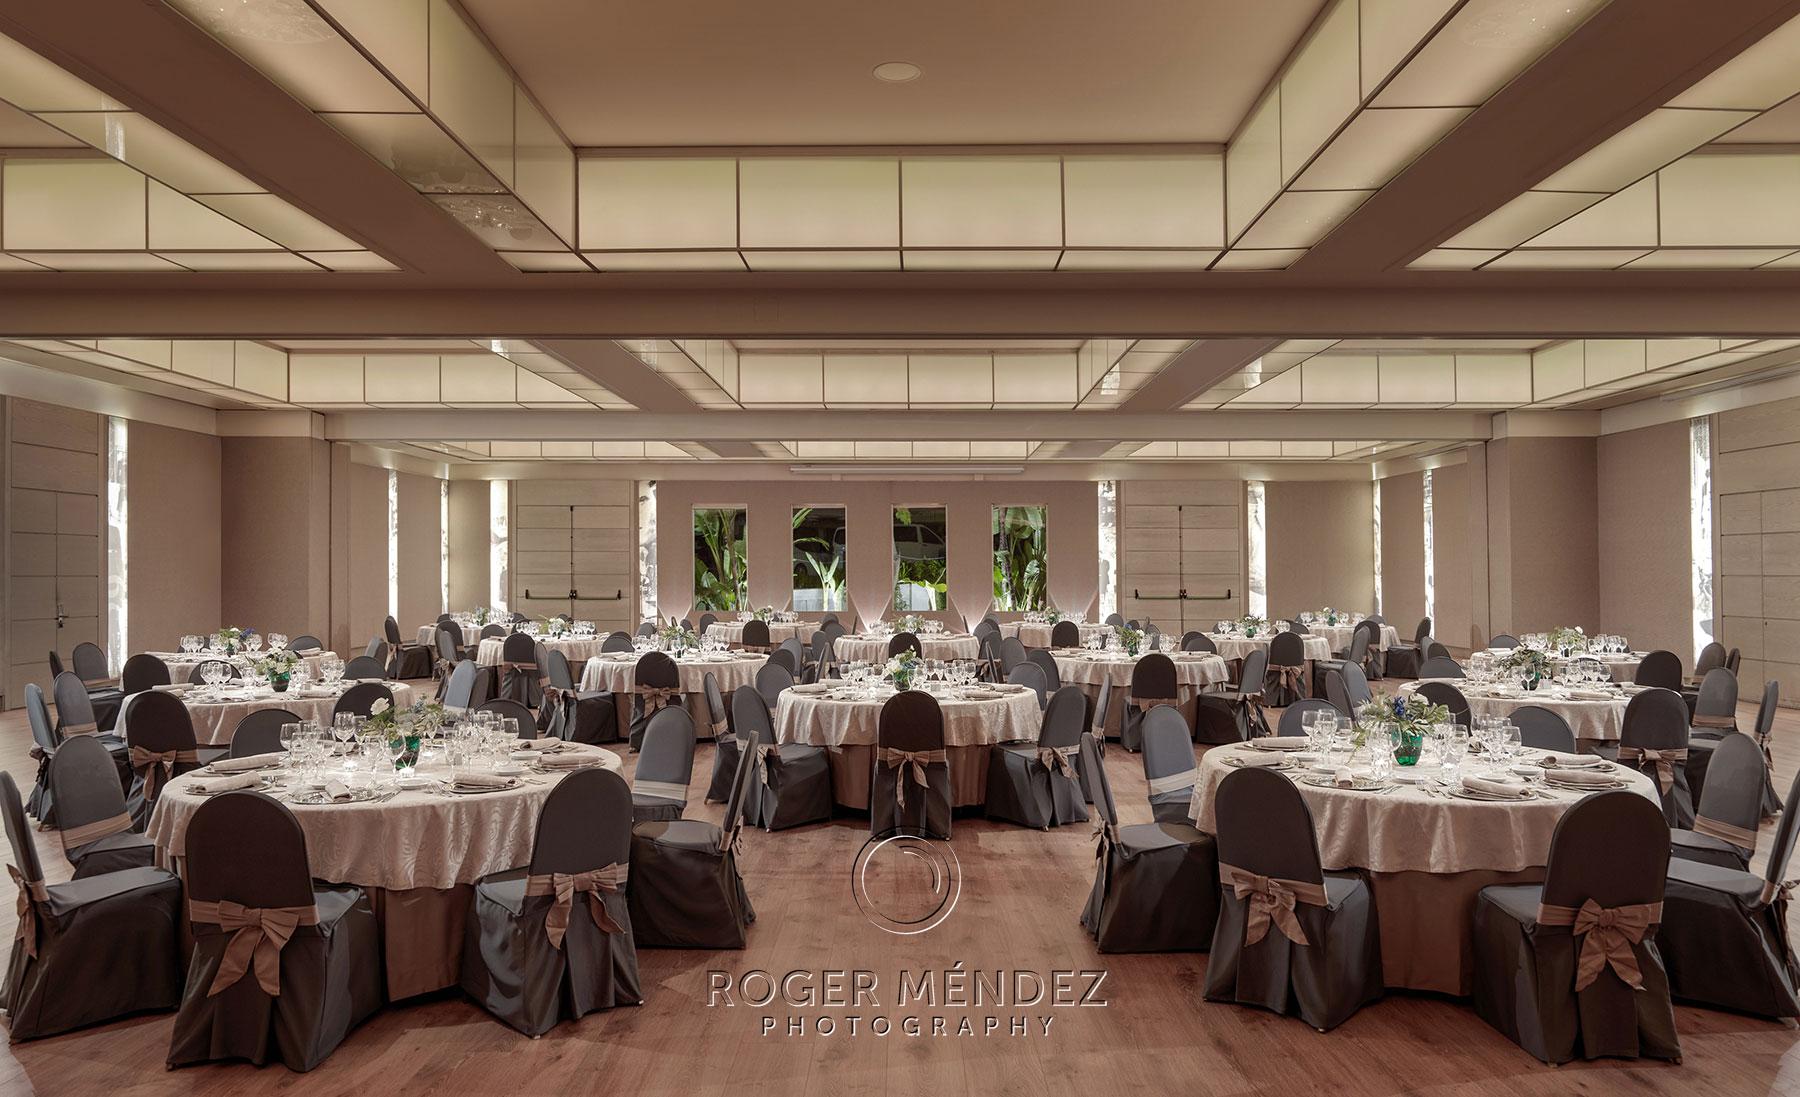 Sala Castilla montaje banquete